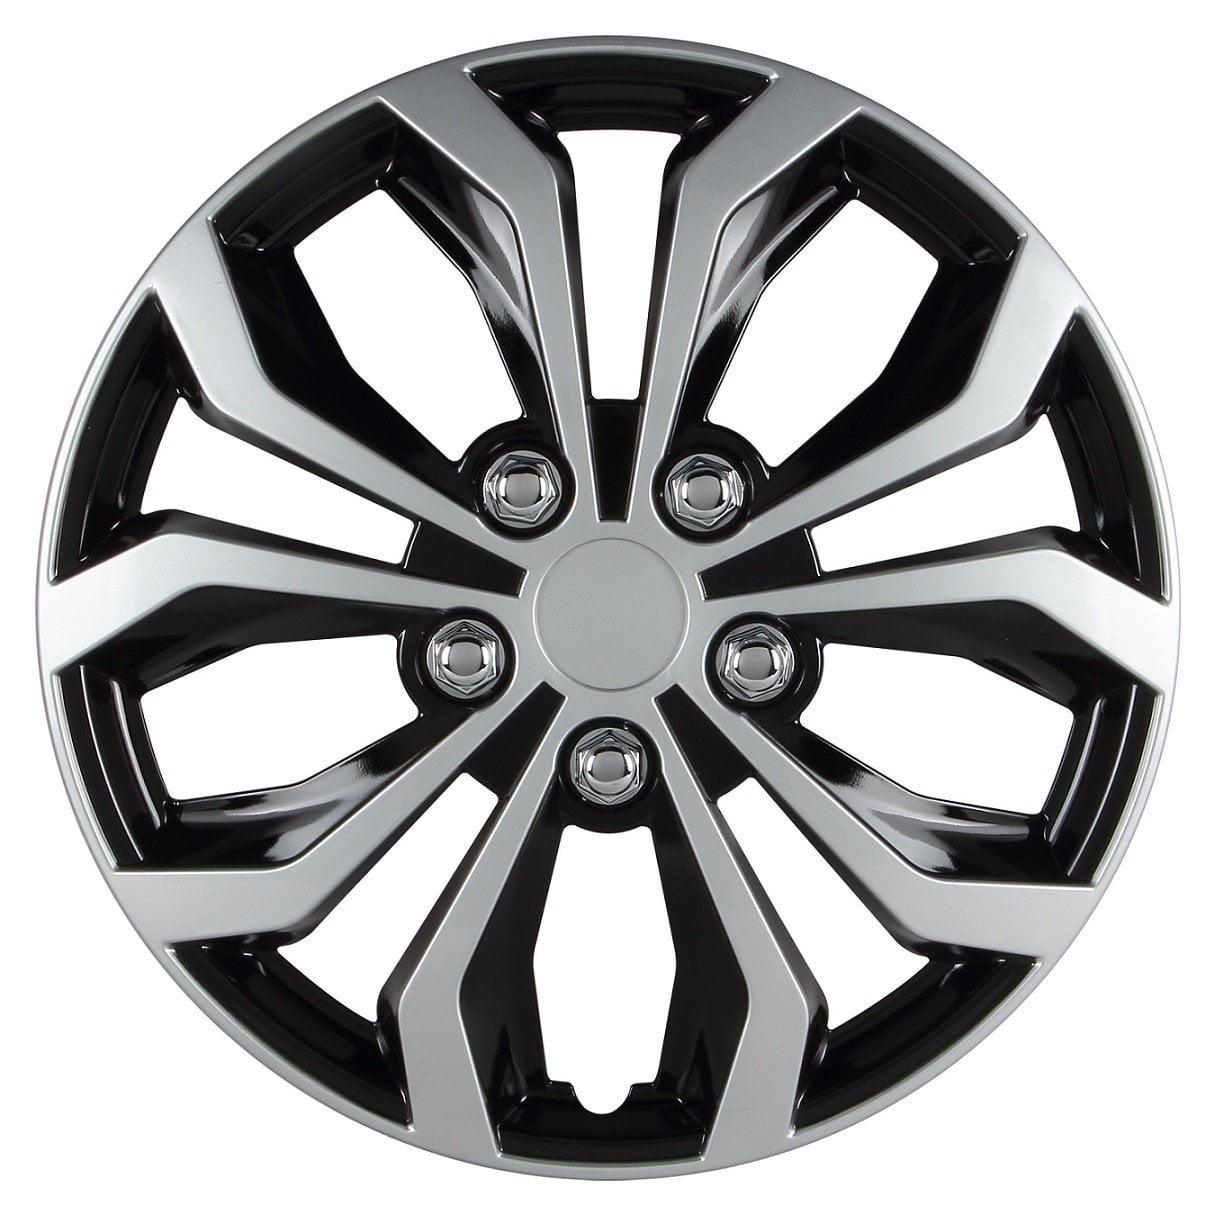 Set of 4 Pilot Automotive WH525-14S-BX 5 Lug Silver 14 Wheel Cover,